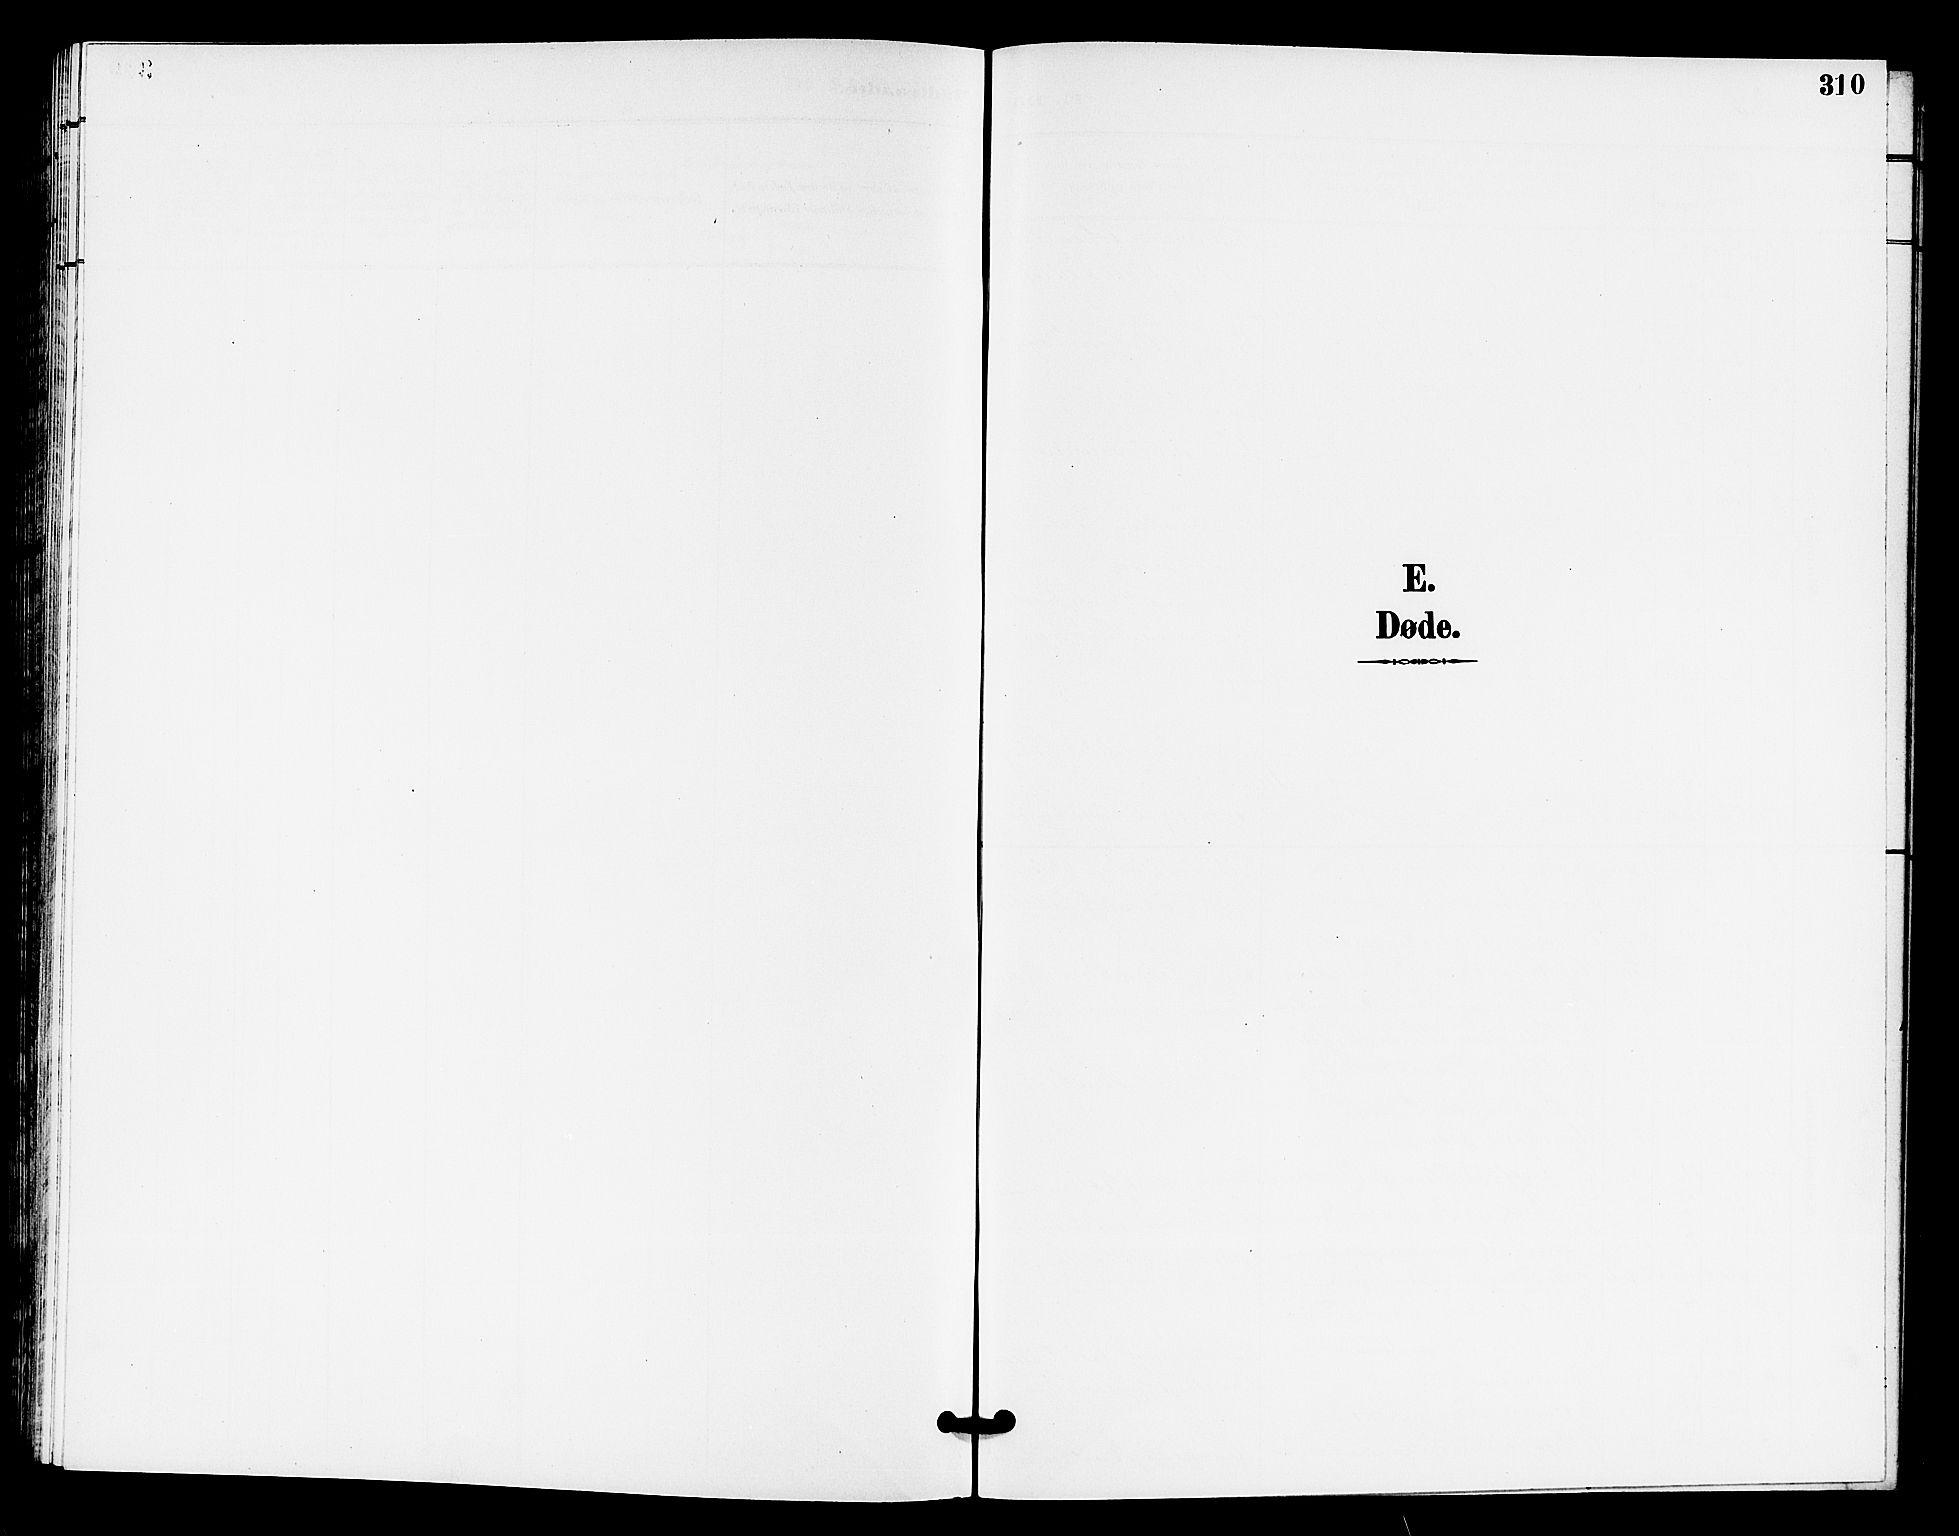 SAKO, Horten kirkebøker, G/Ga/L0006: Klokkerbok nr. 6, 1896-1904, s. 310